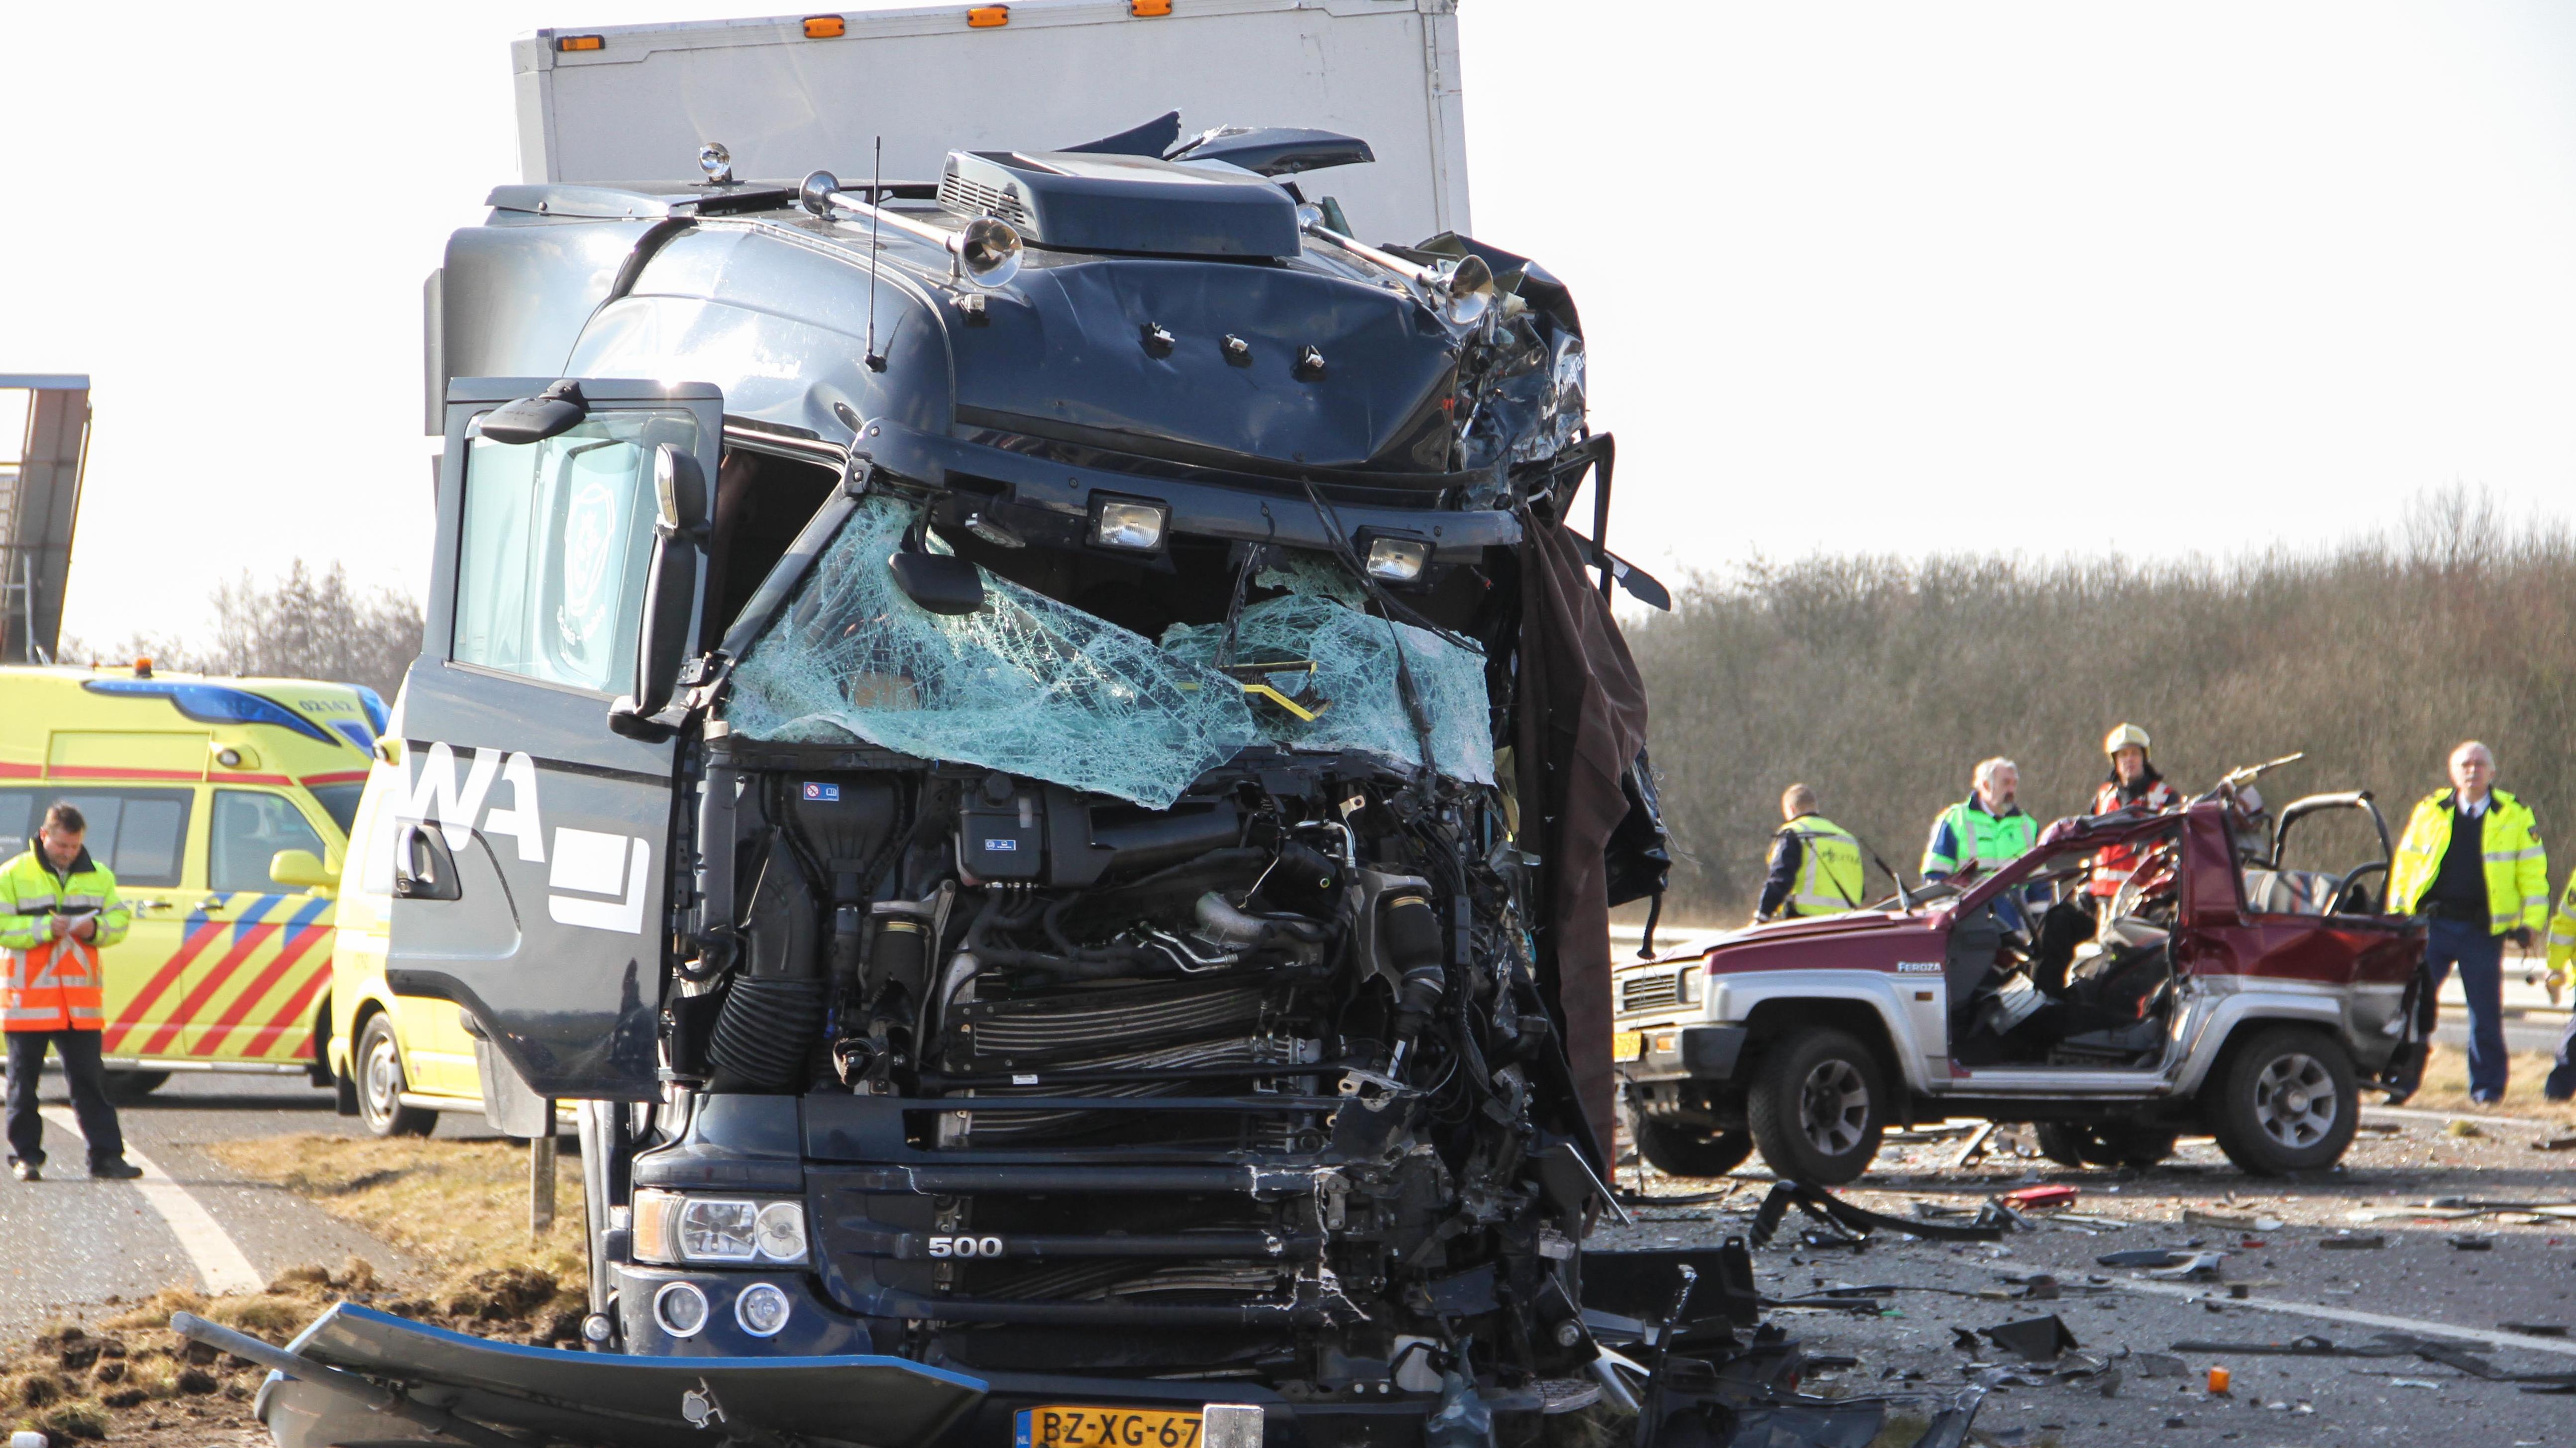 vrachtwagen uit twente veroorzaakt dodelijk ongeluk a32. Black Bedroom Furniture Sets. Home Design Ideas